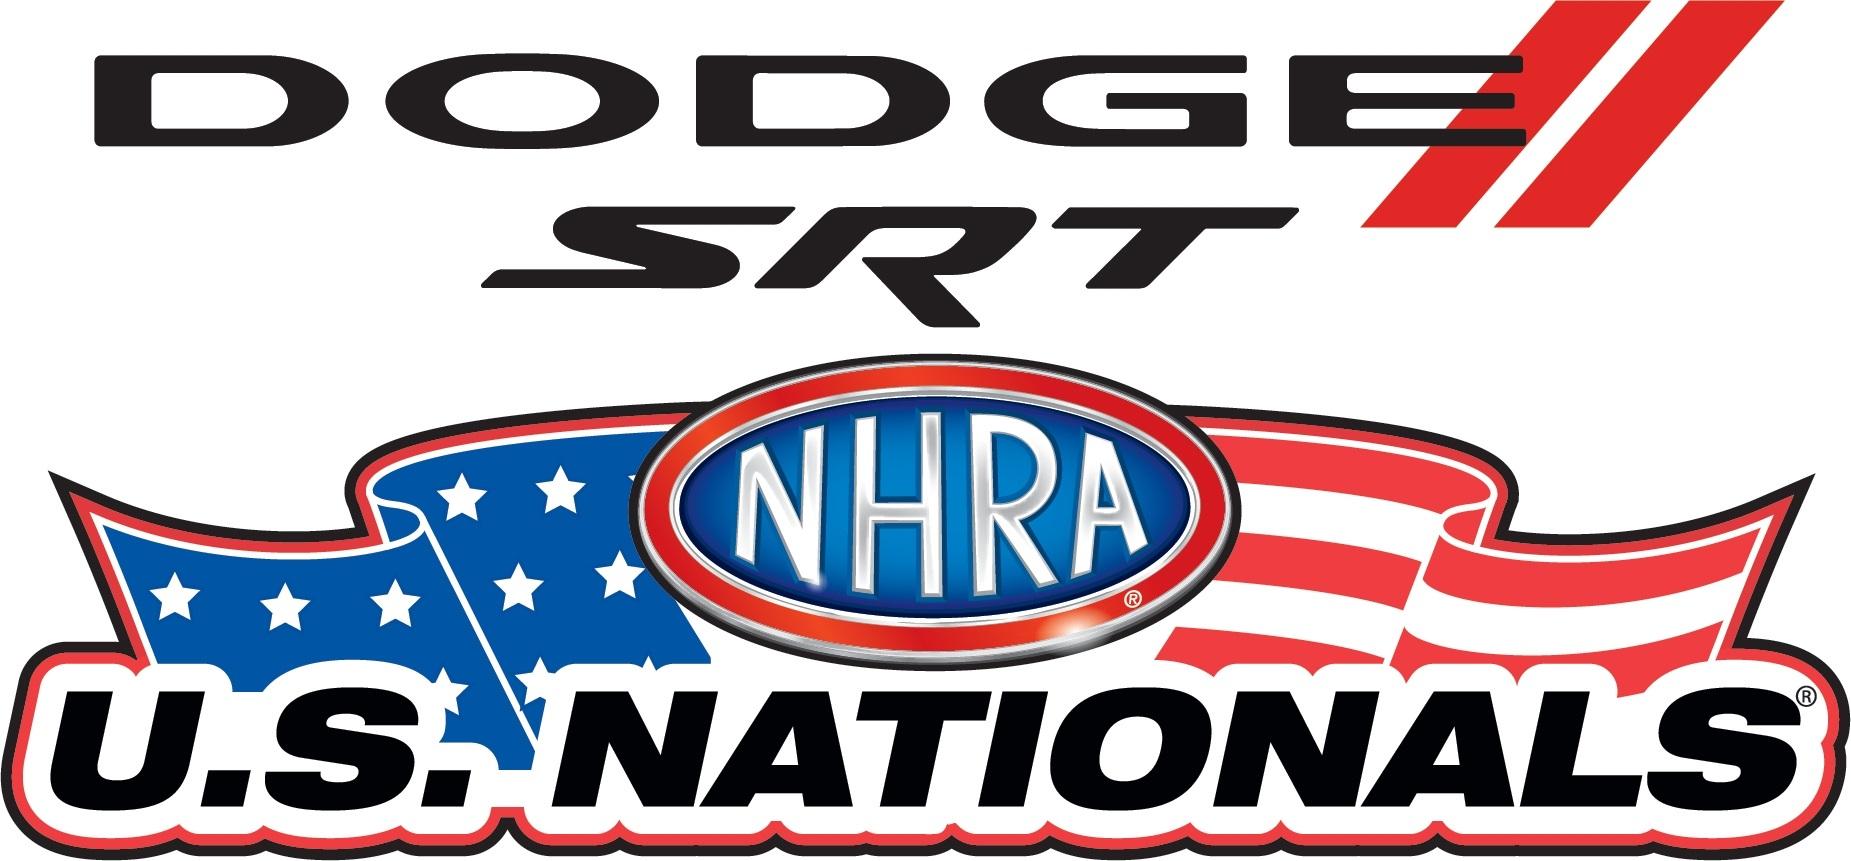 Dodge SRT NHRA US Nationals logo